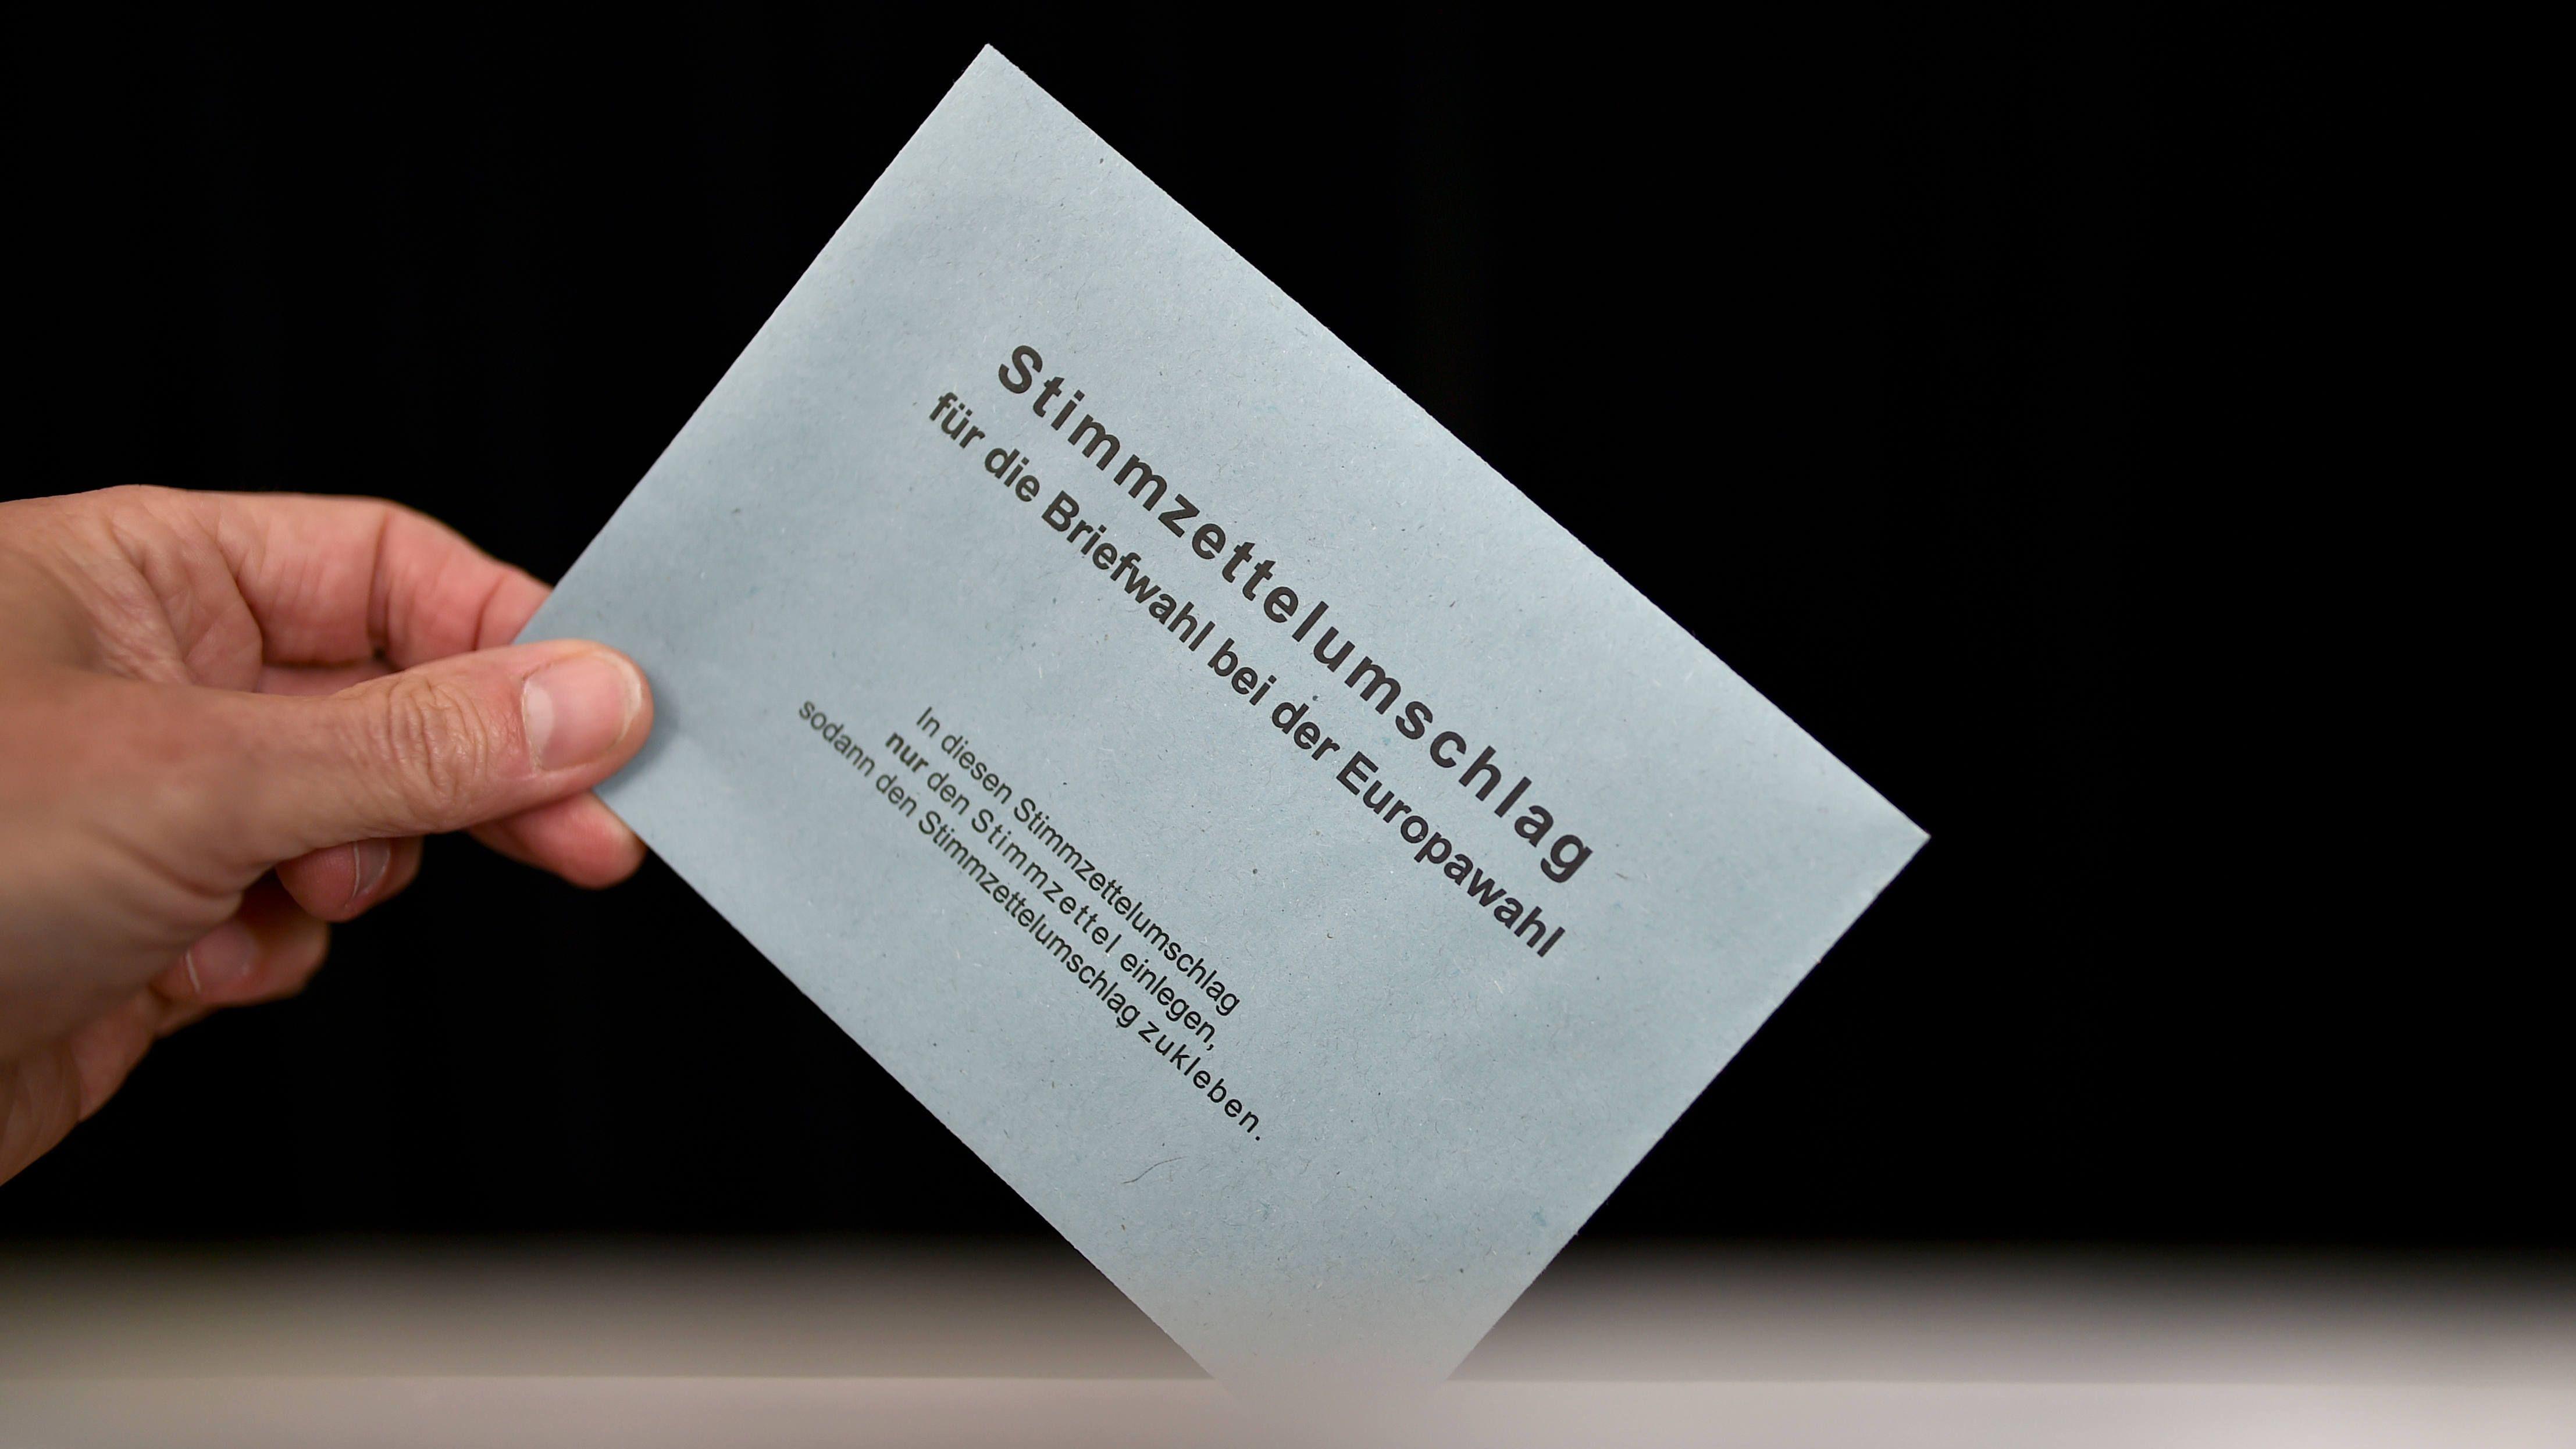 Briefwahlumschlag zur Europawahl